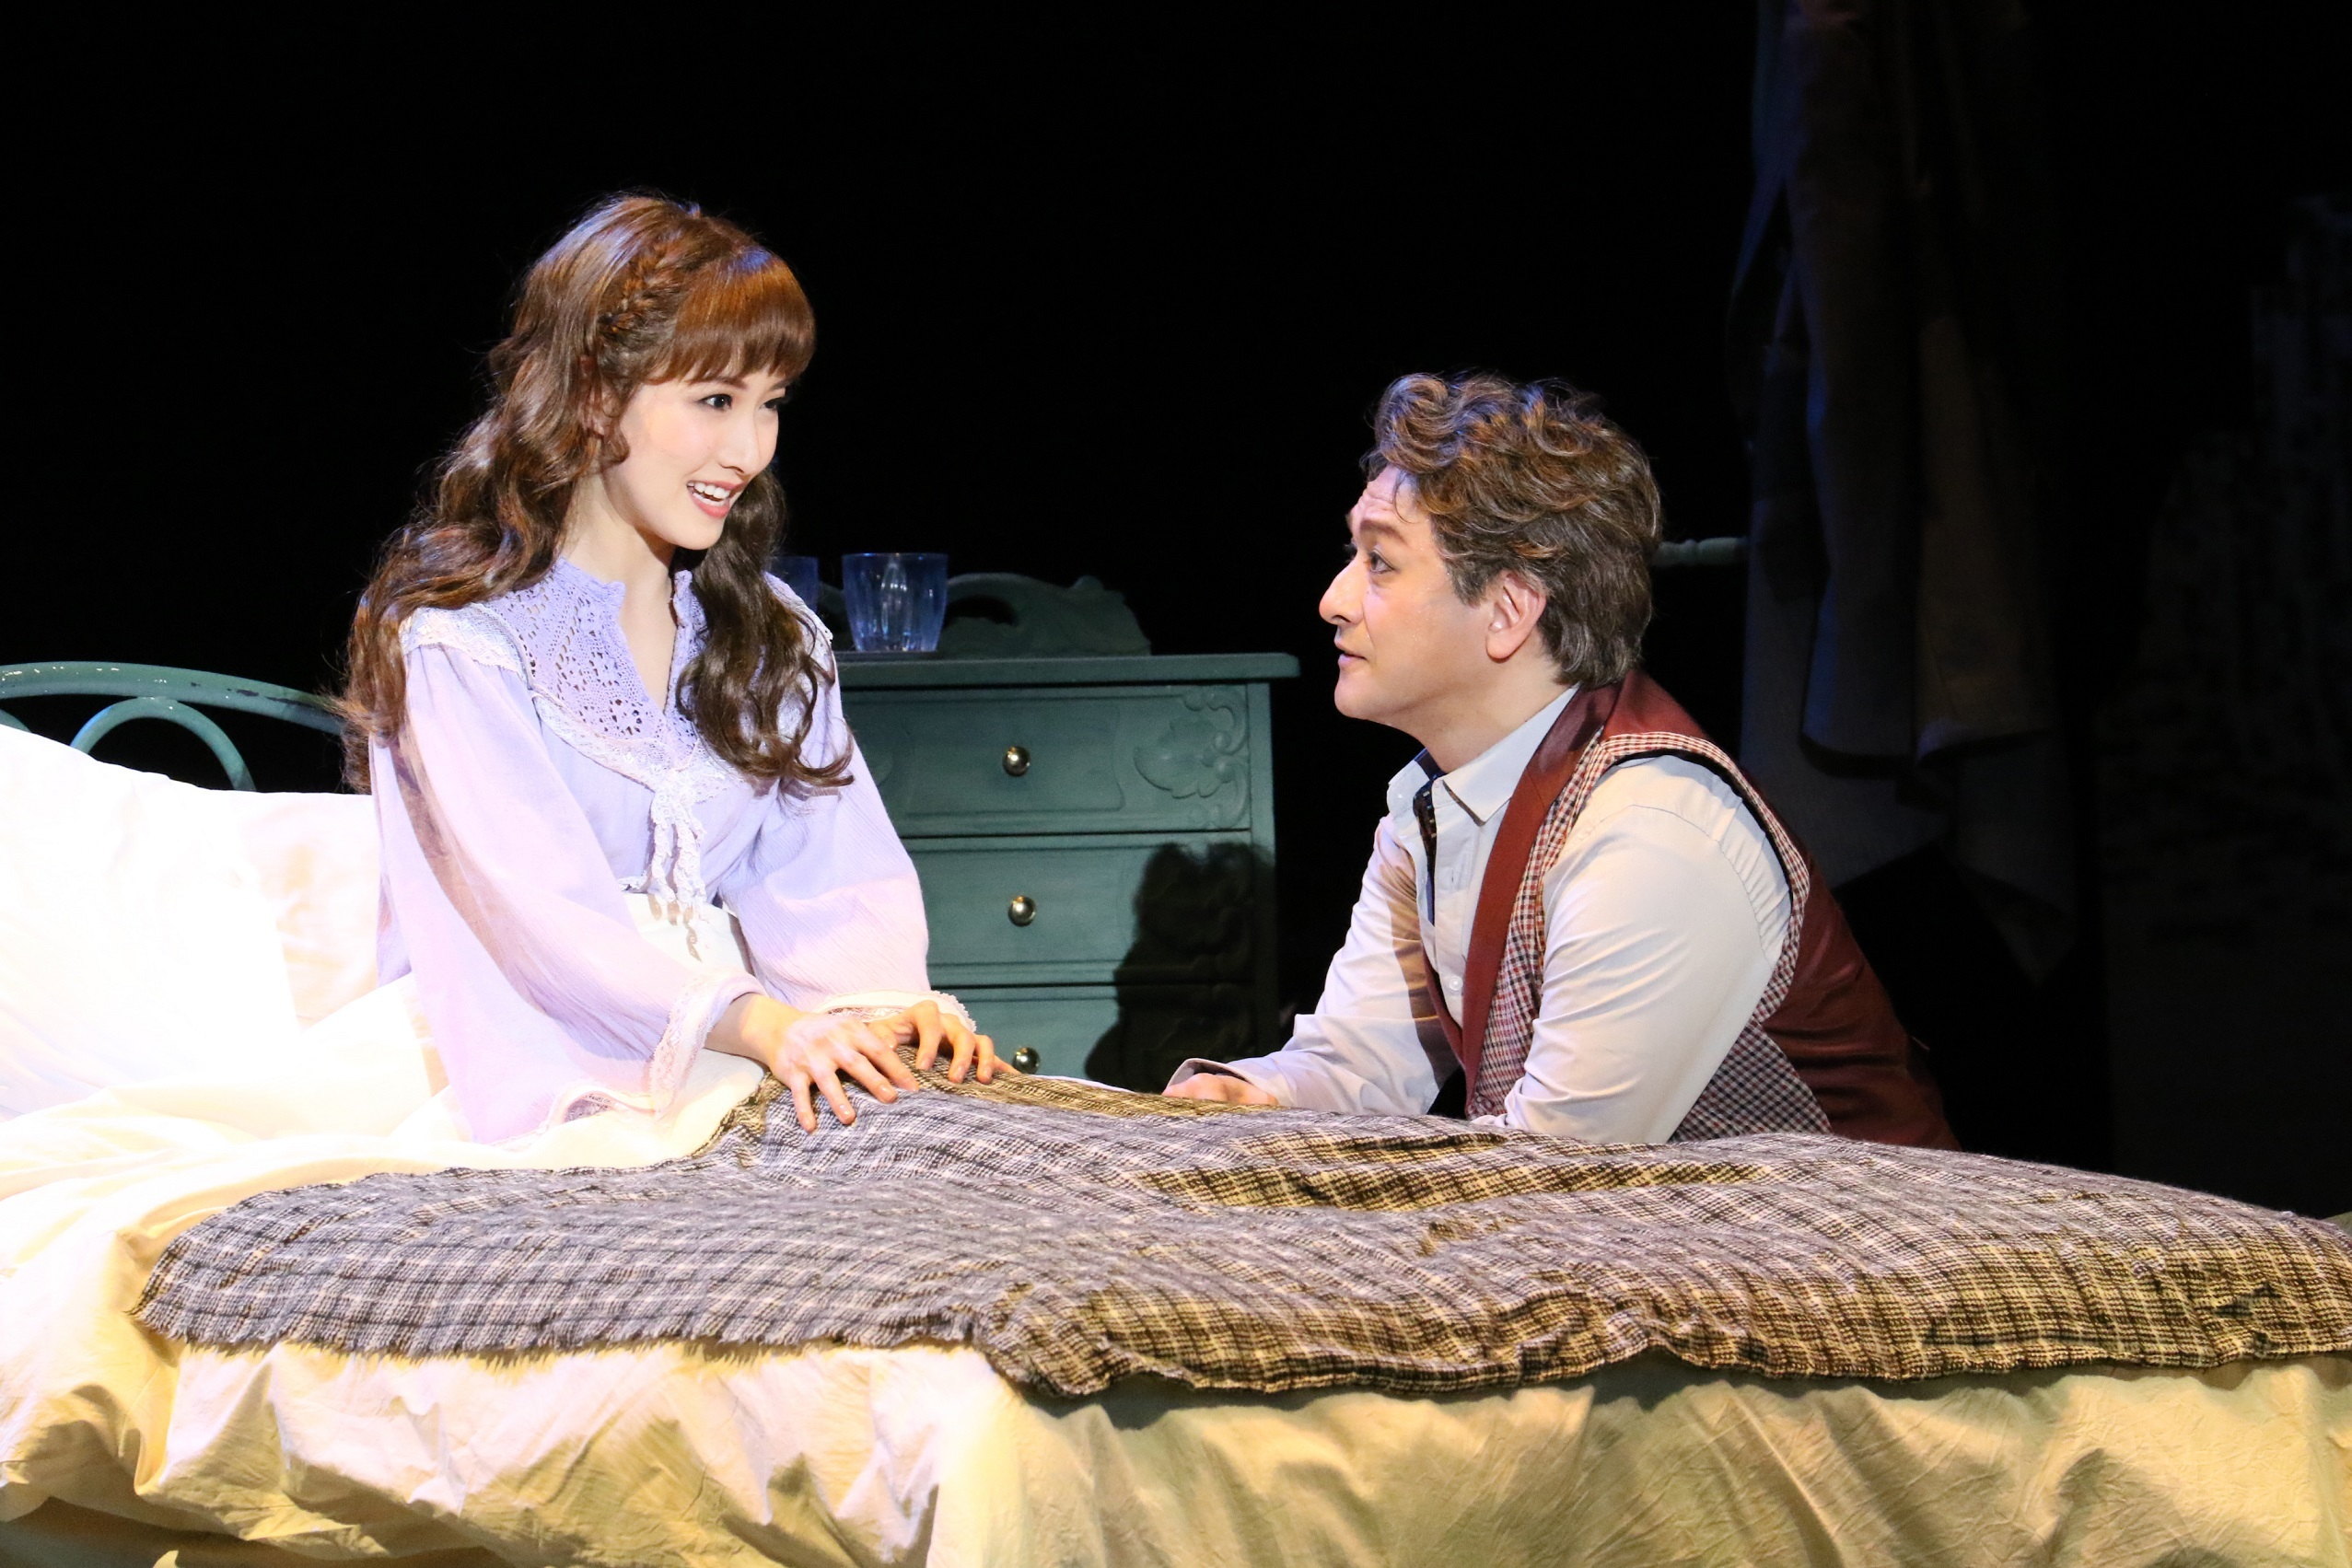 音楽劇『ライムライト』再演より、石丸幹二(右)と実咲凜音 写真提供:東宝演劇部